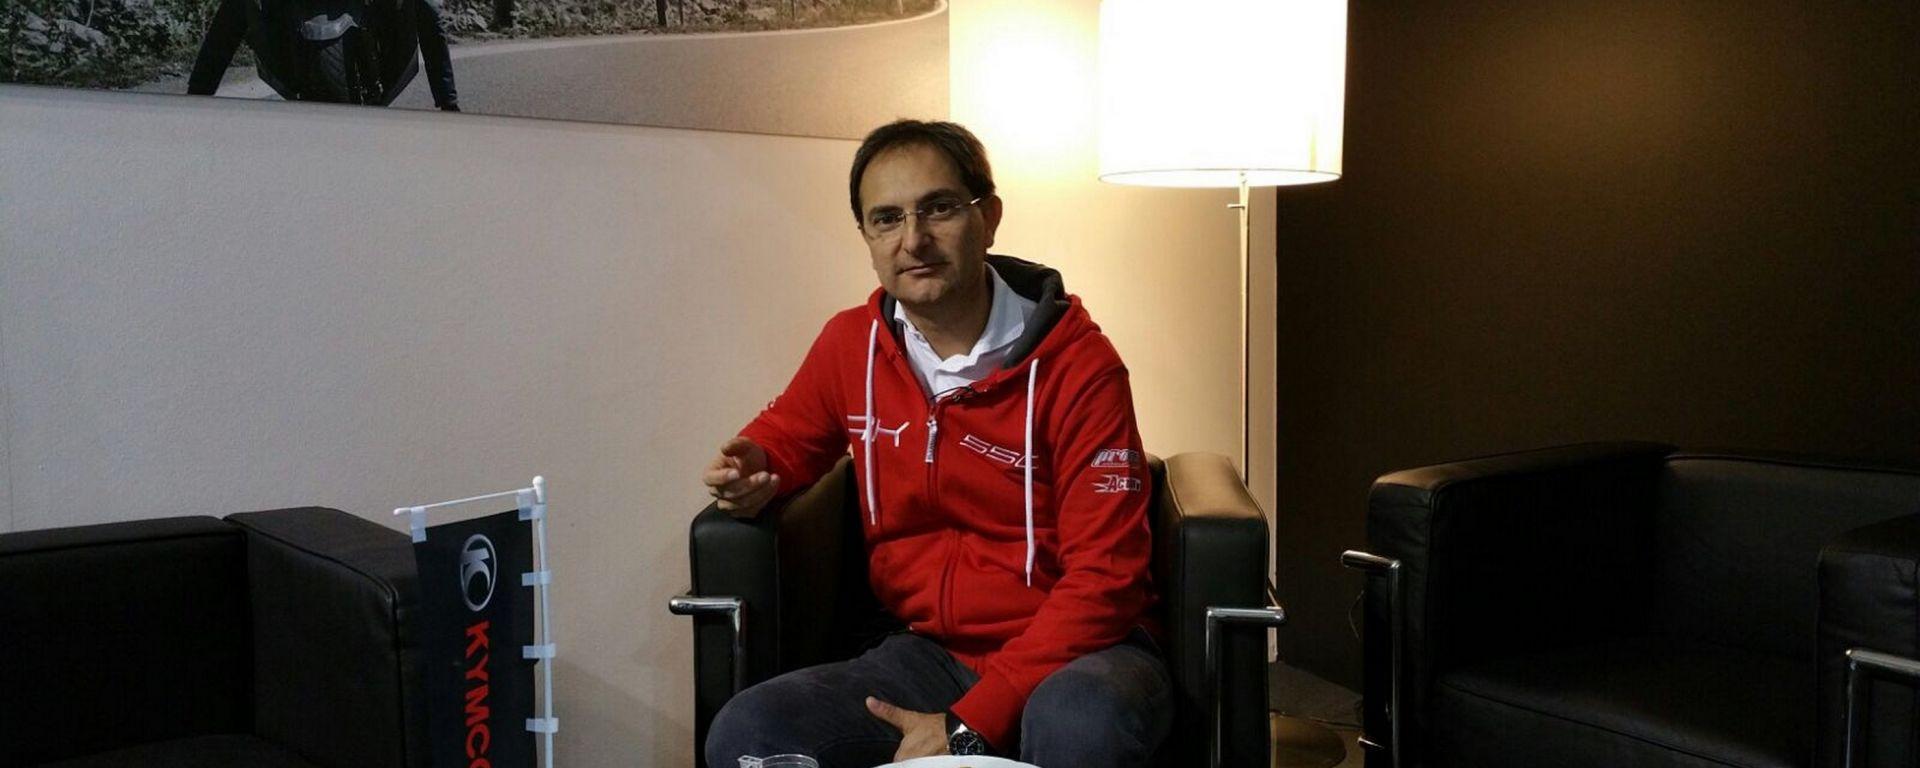 Luca Paletti, Direttore Ufficio Stampa Kymco Italia